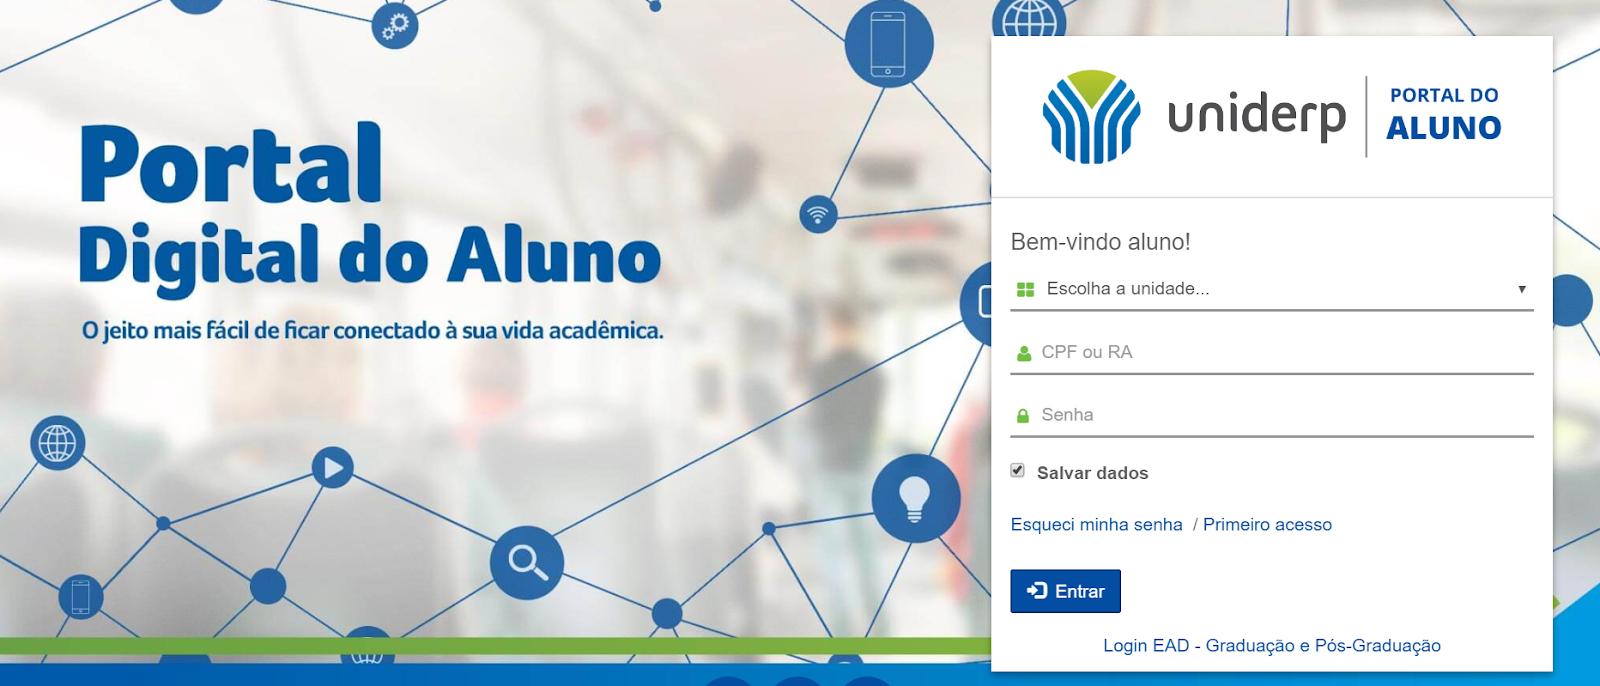 acesso ao portal digital do aluno uniderp